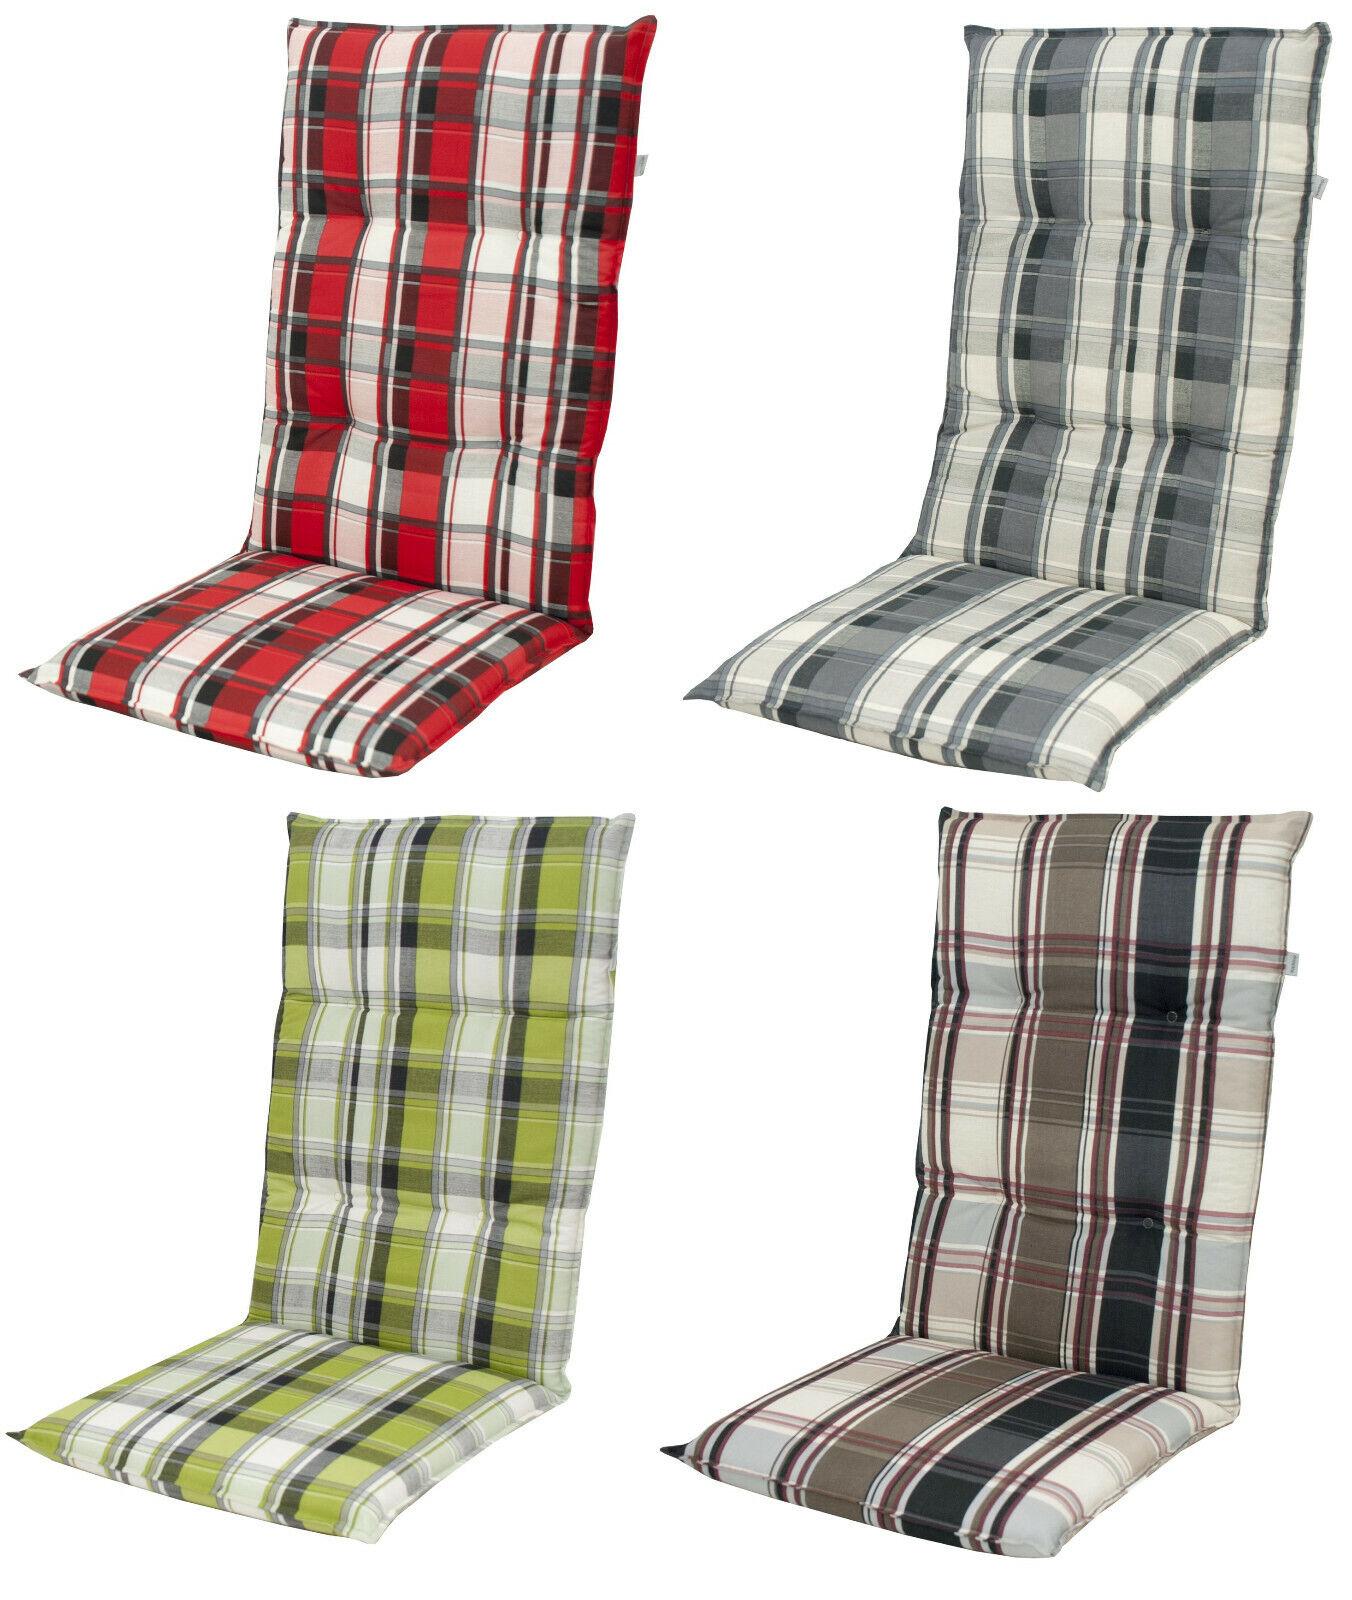 Doppler Gartenmöbel Auflagen für Hochlehner Kissen Sitzkissen Gartenstuhl karo